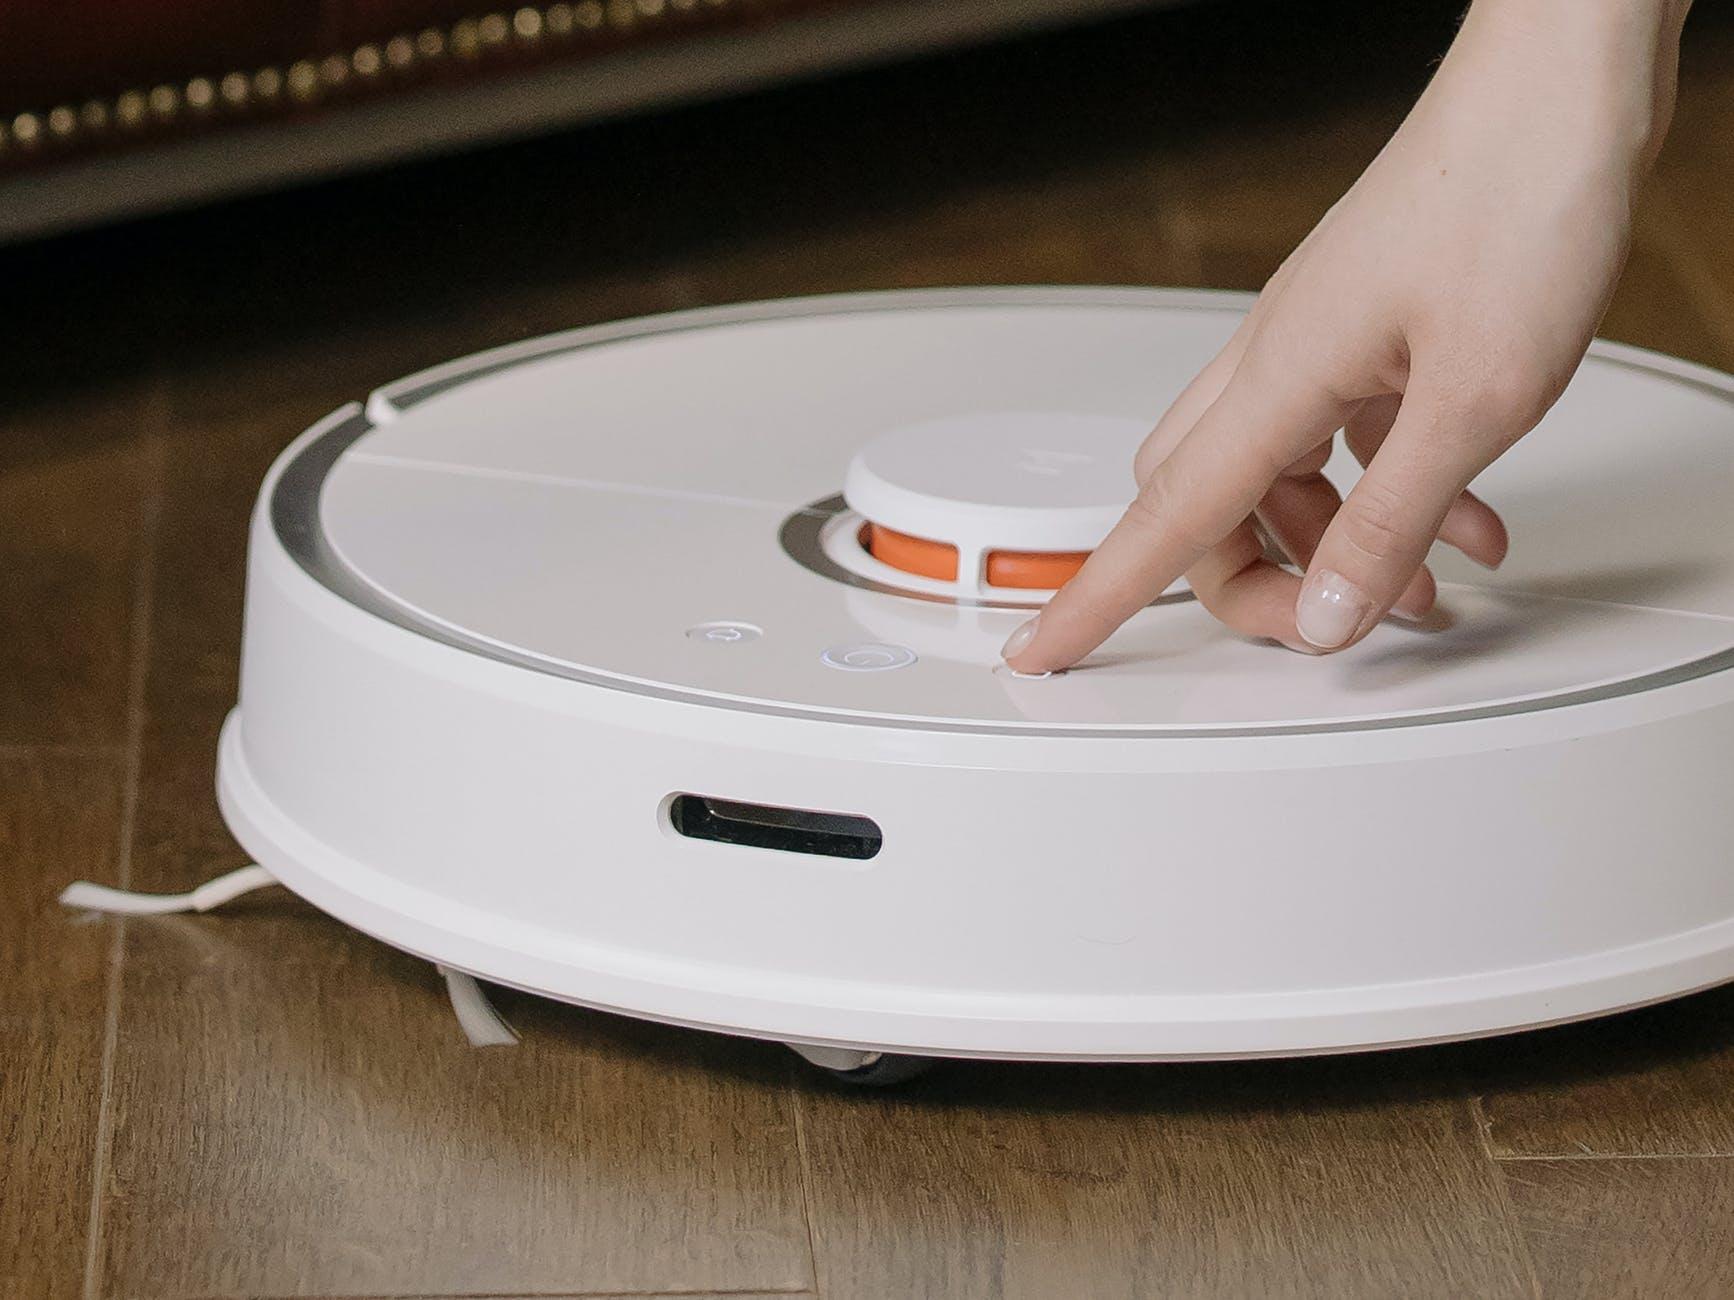 Рейтинг роботов-пылесосов. Домашний робот пылесос – отзывы